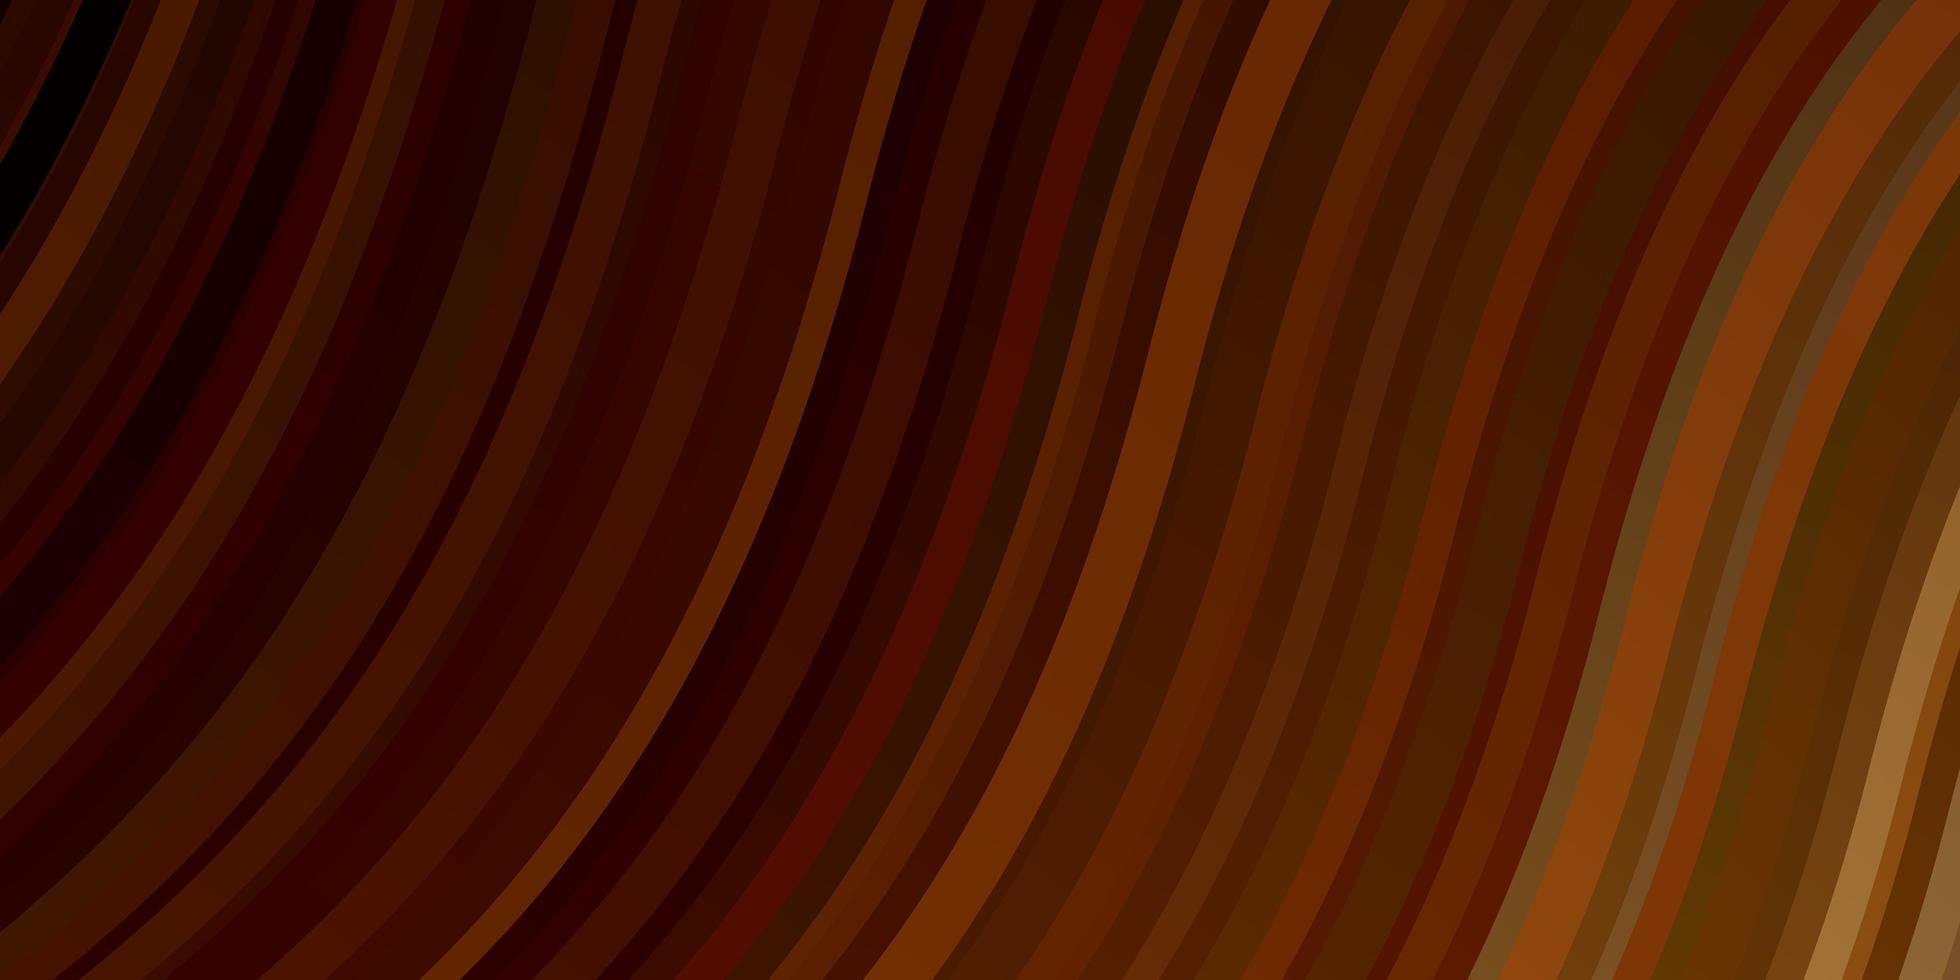 diseño vectorial naranja oscuro con líneas torcidas. vector